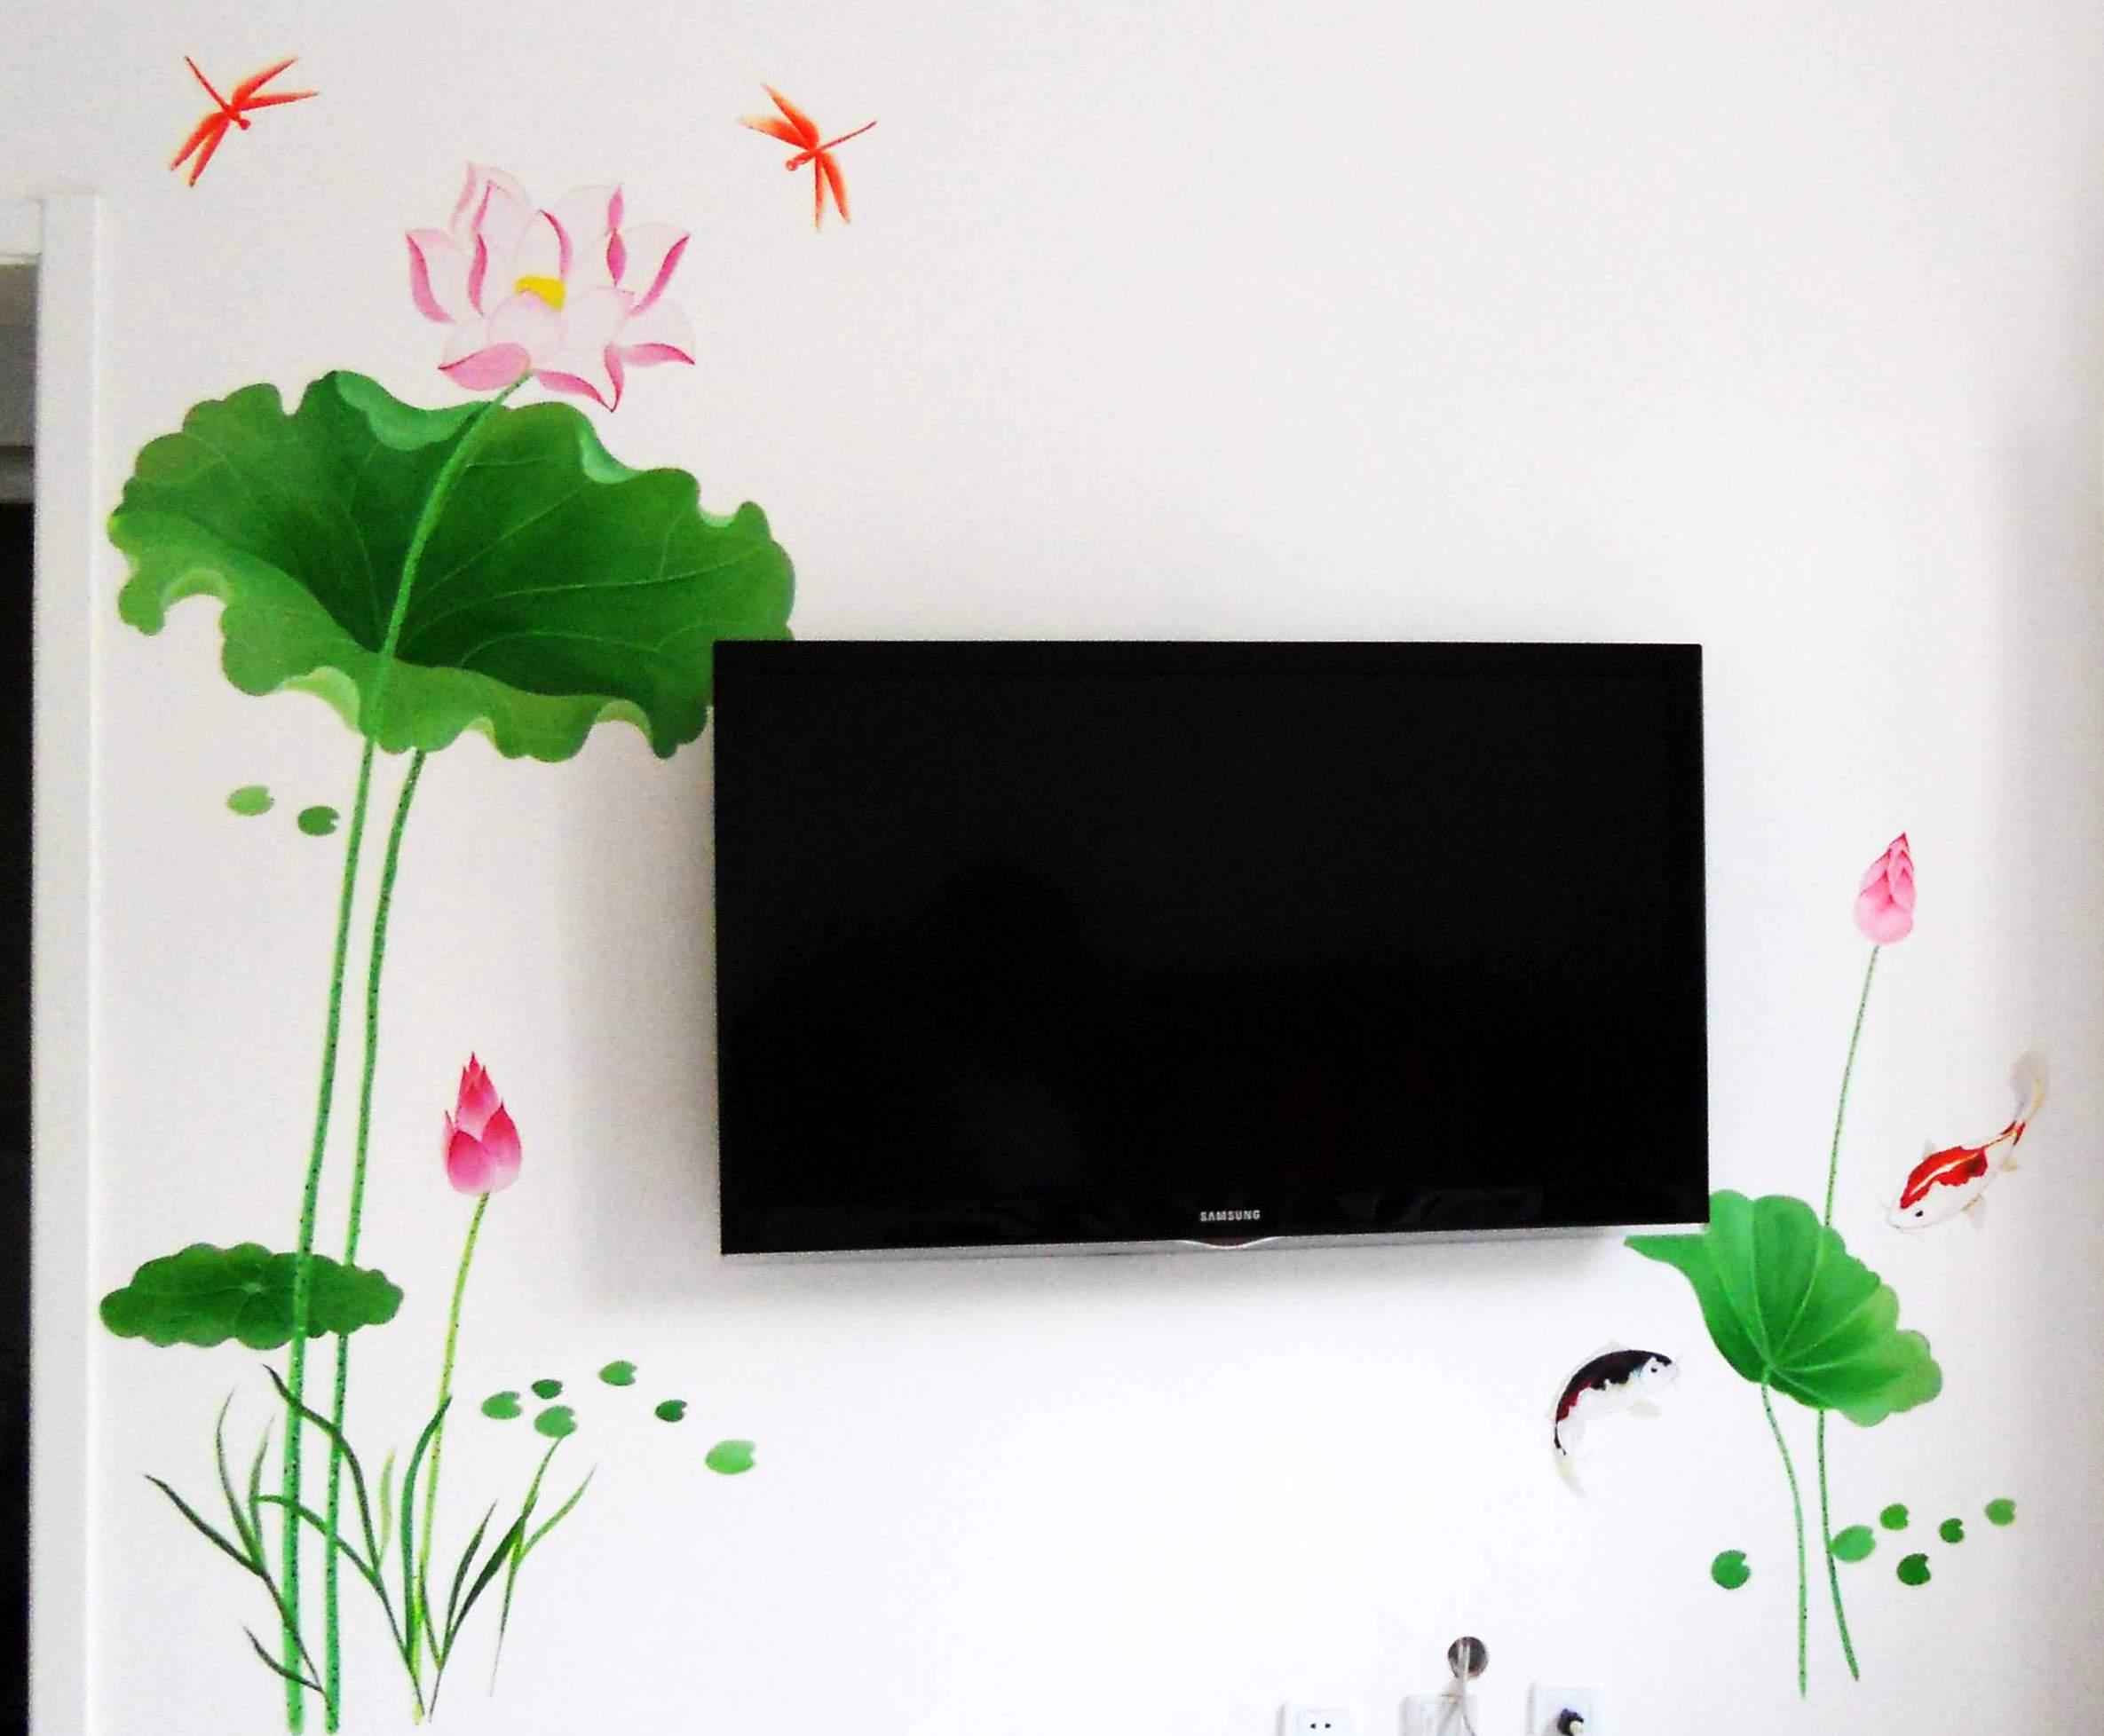 现代时尚家居手绘墙画 &nbs